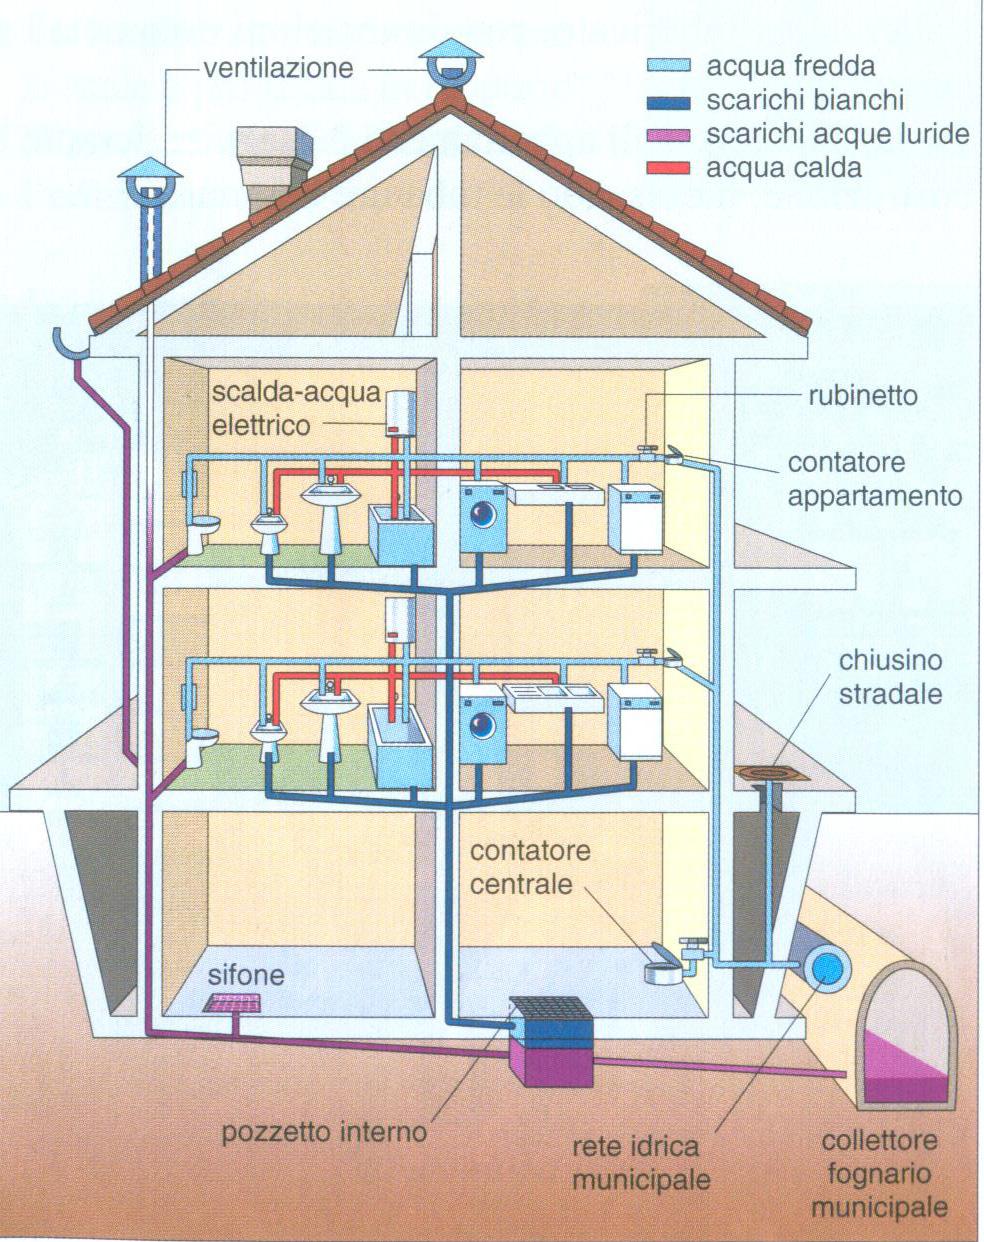 Risultati immagini per impianto di scarico casa